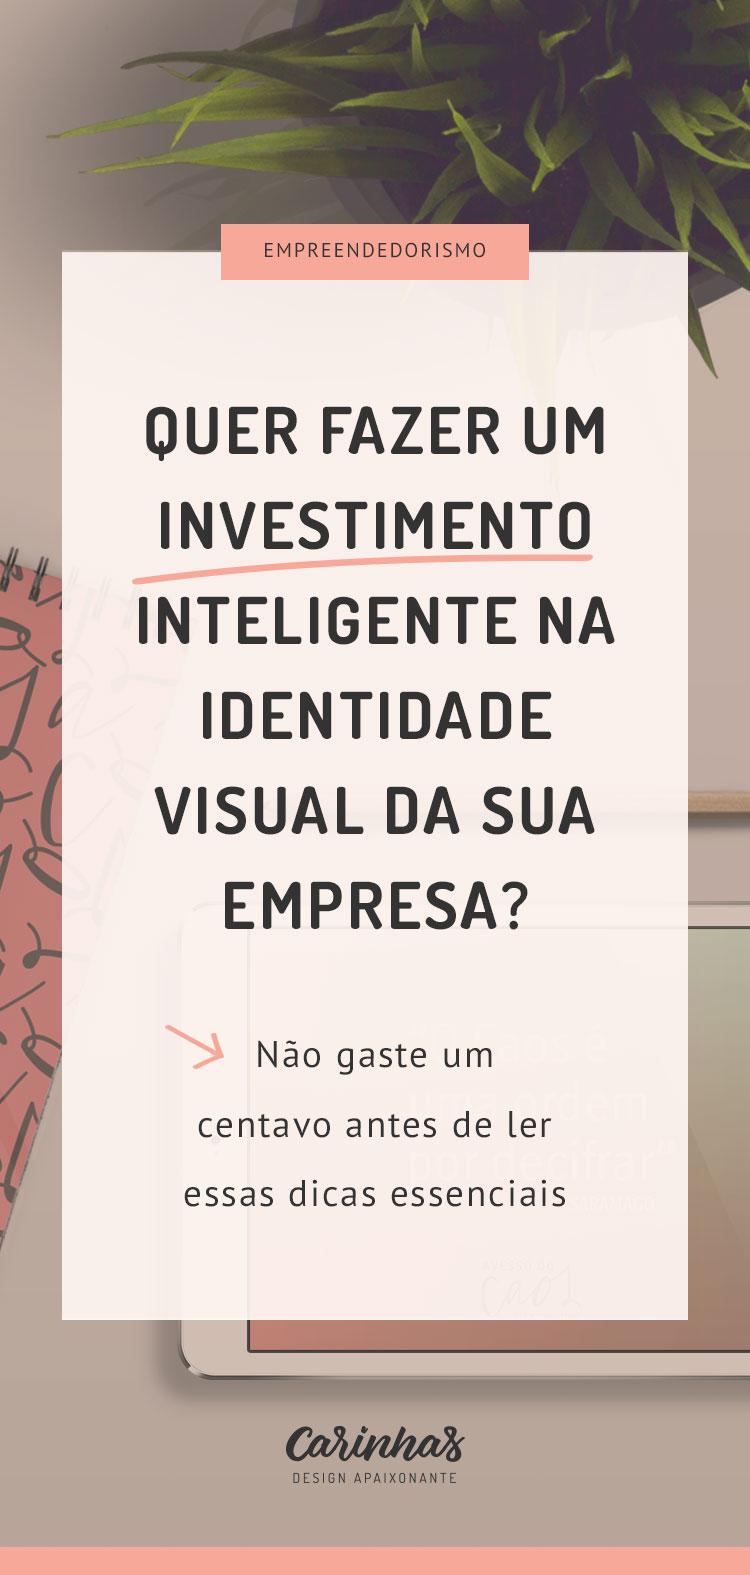 Como fazer um investimento inteligente em identidade visual? Não gaste um centavo antes de ler essas dicas